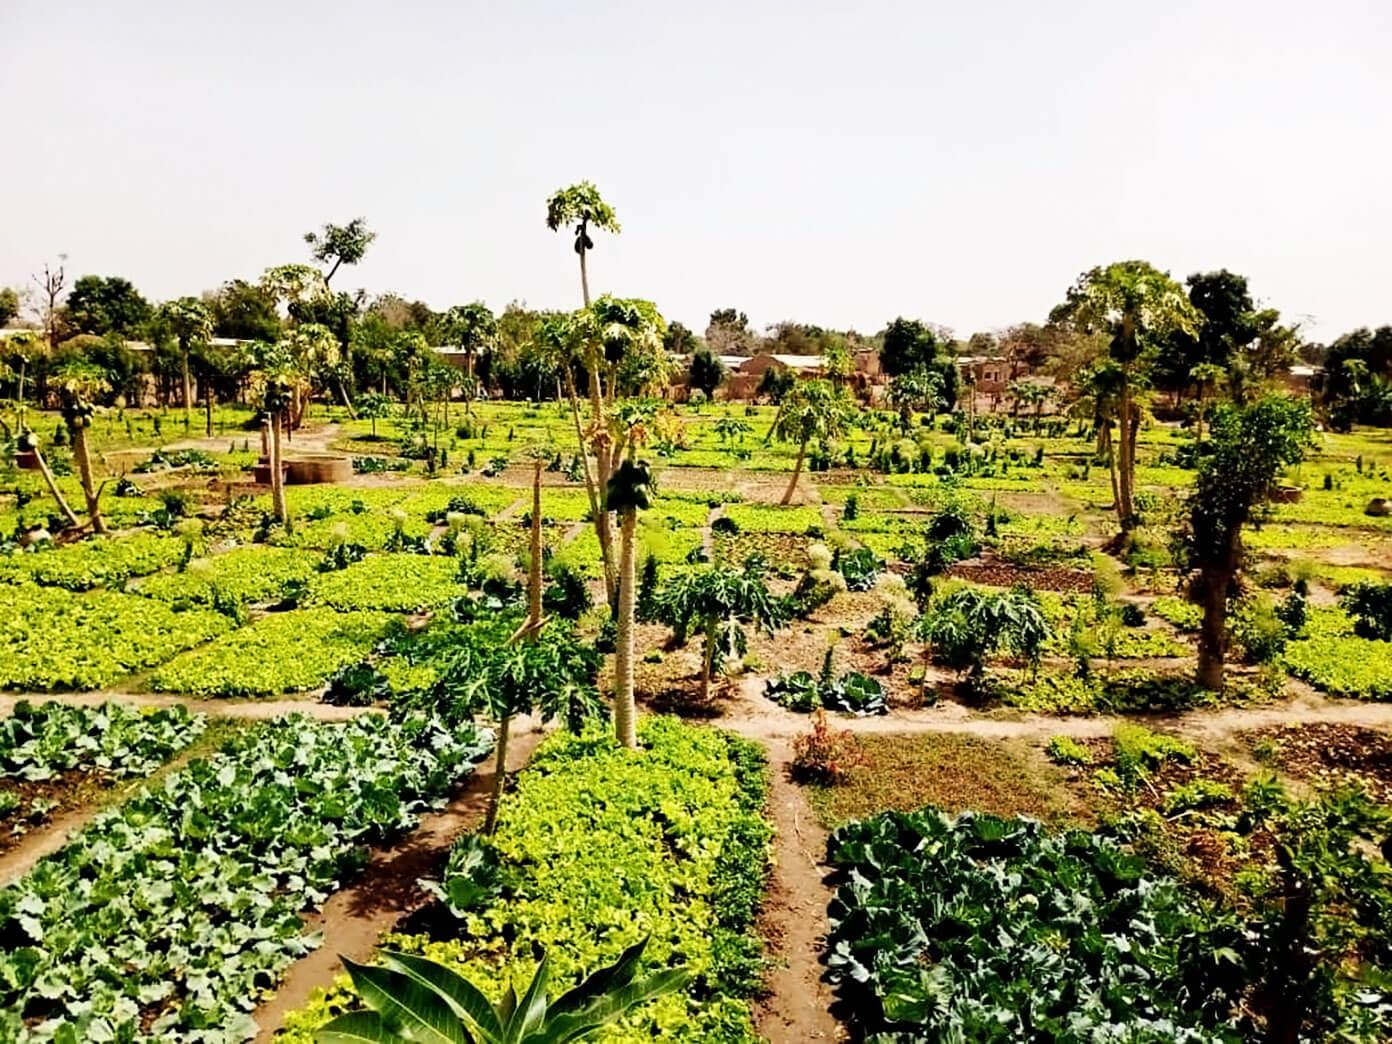 The Wash Project Benkadi Garden in Mali